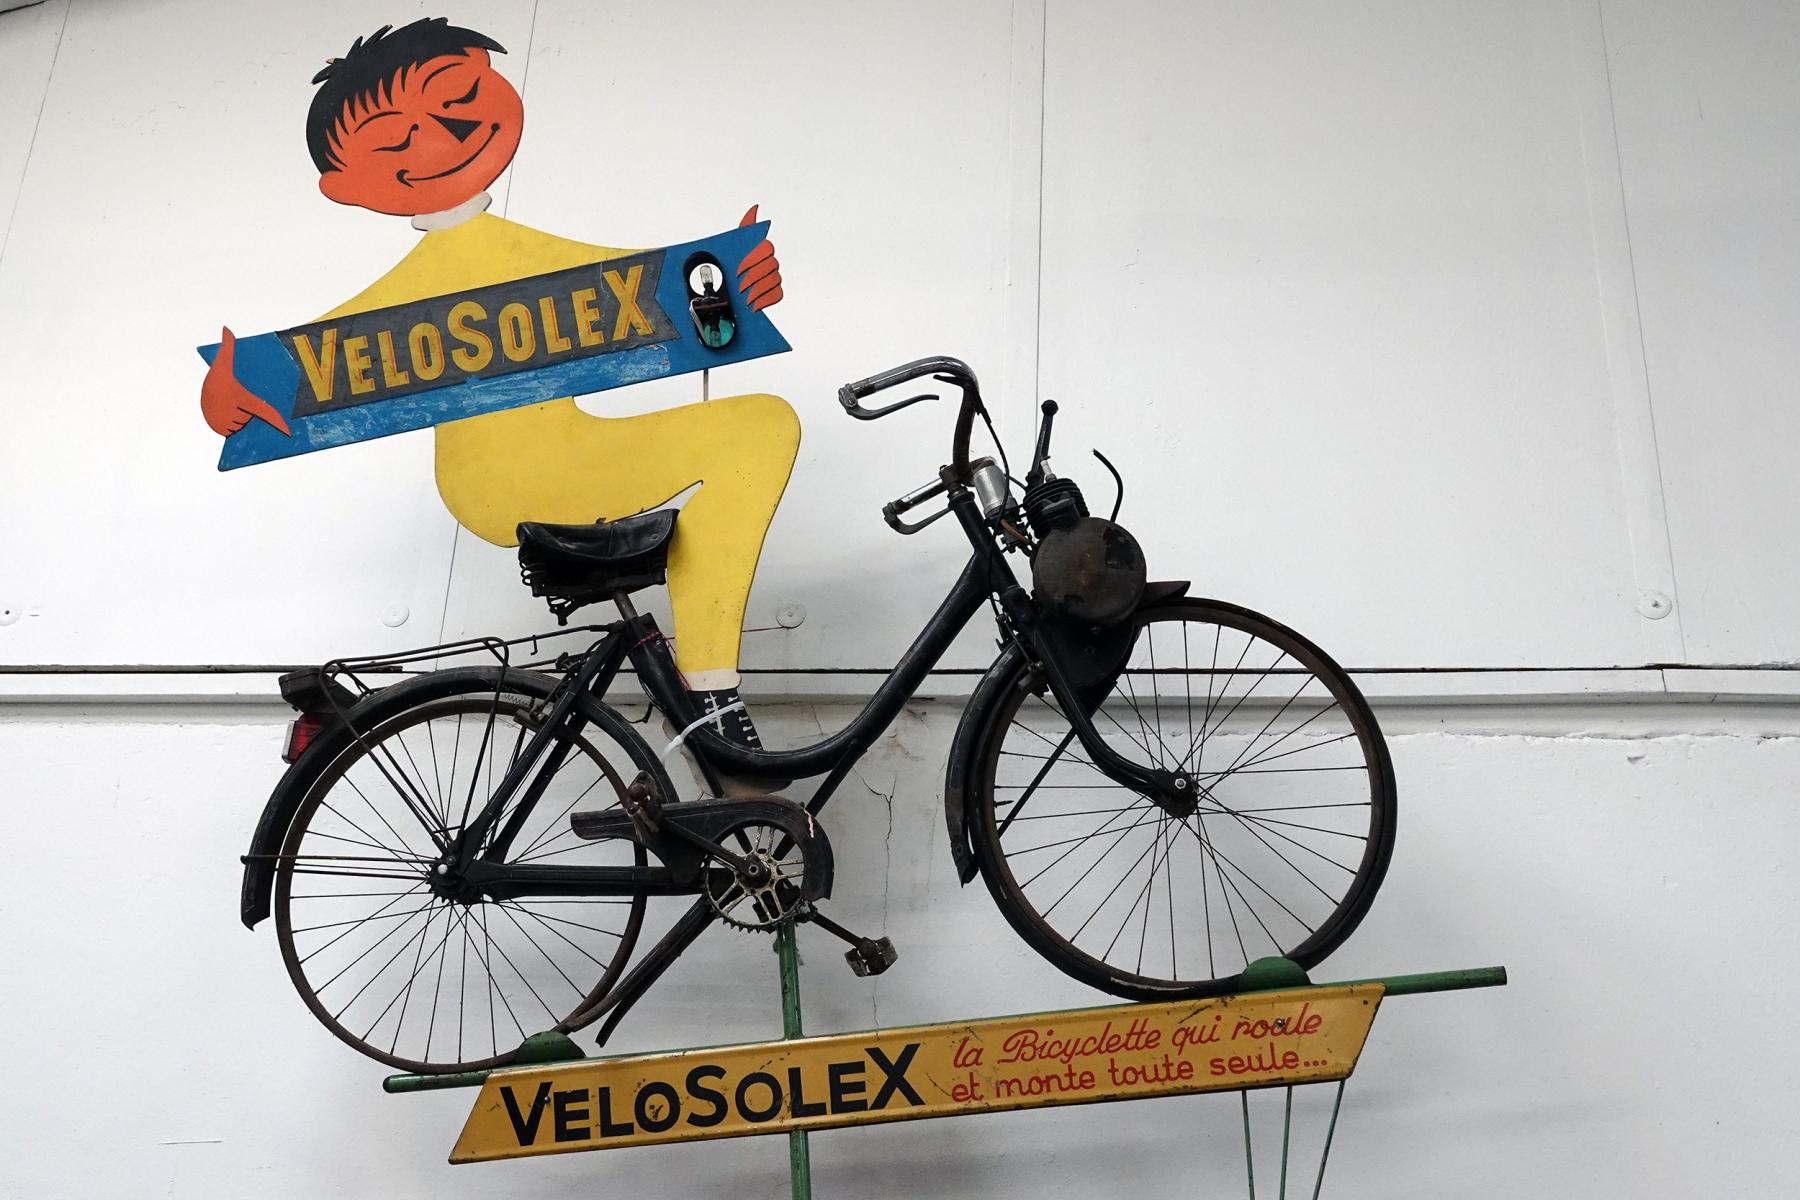 20191221-Lokales-VeloSolex-Sammlung-Raymond-Niesen-10-Francois-Besch